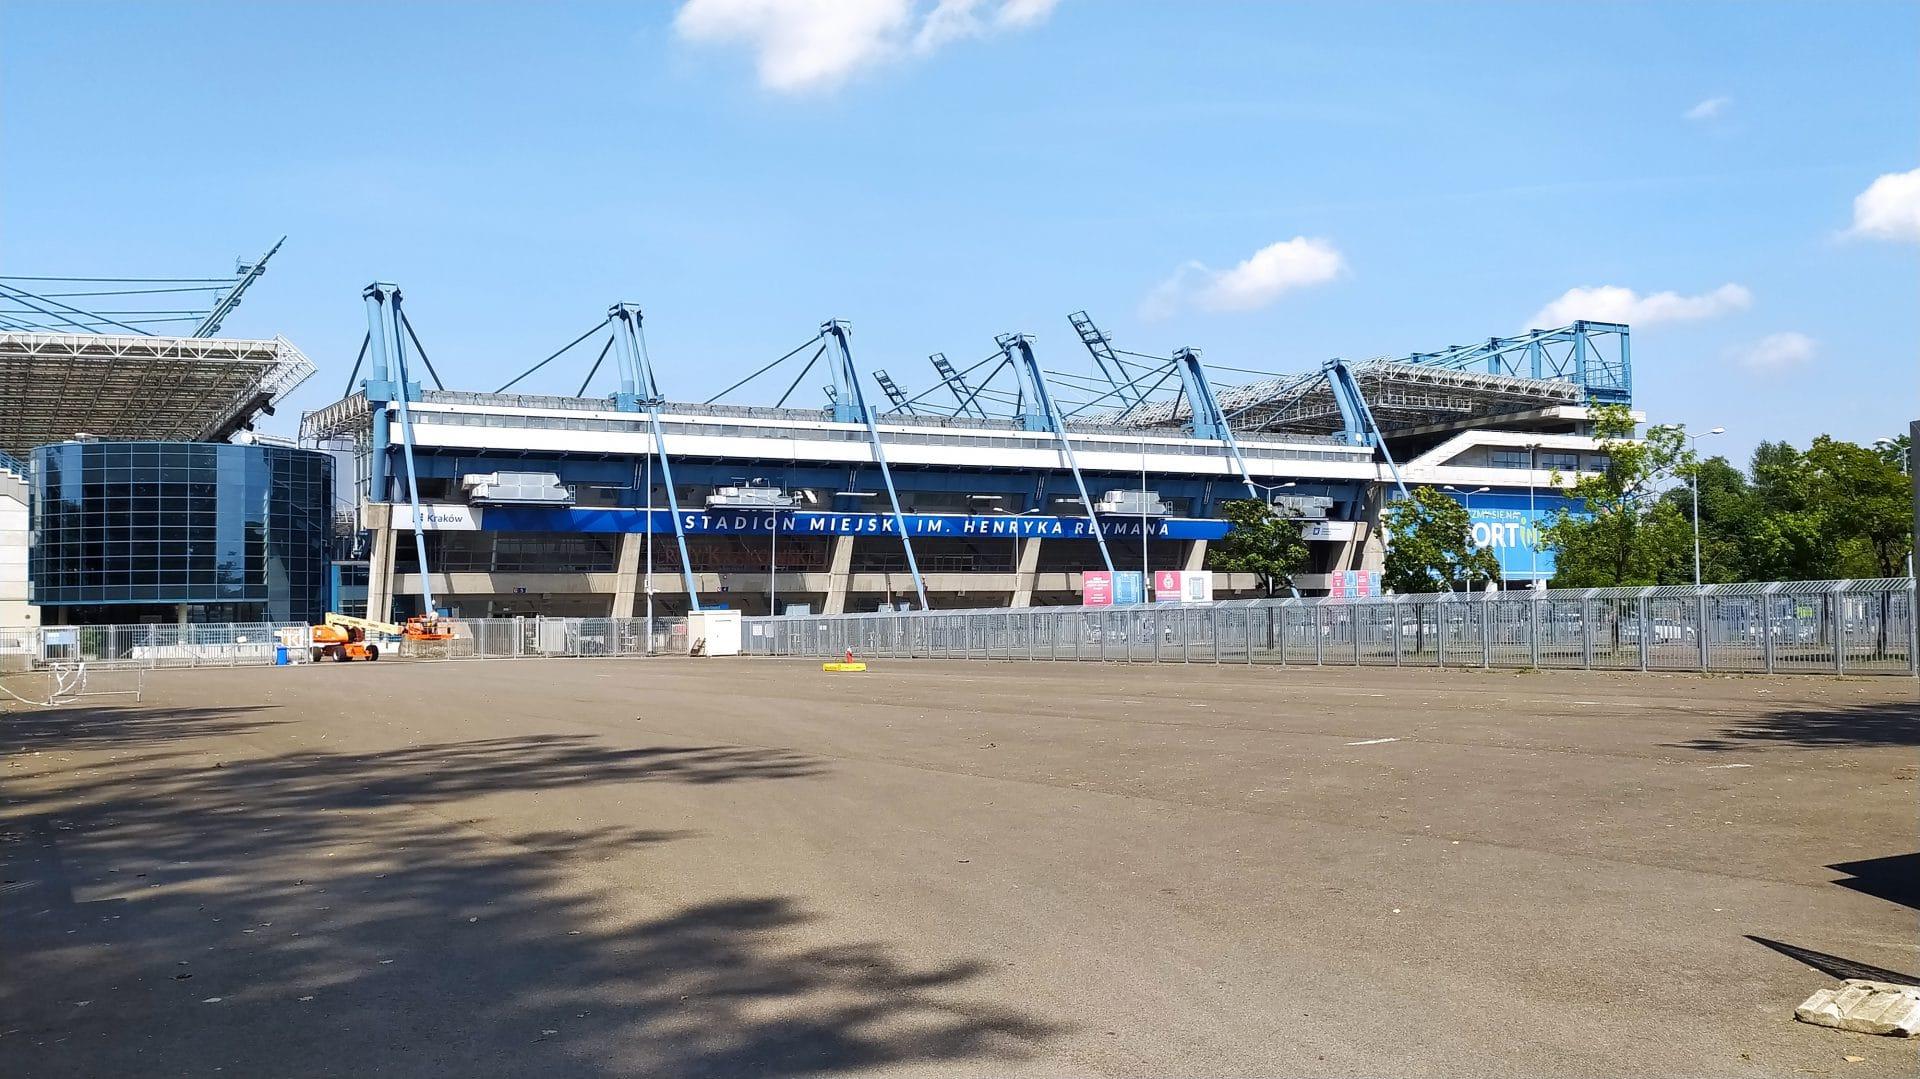 Stadion miejski im. Henryka Reymana.